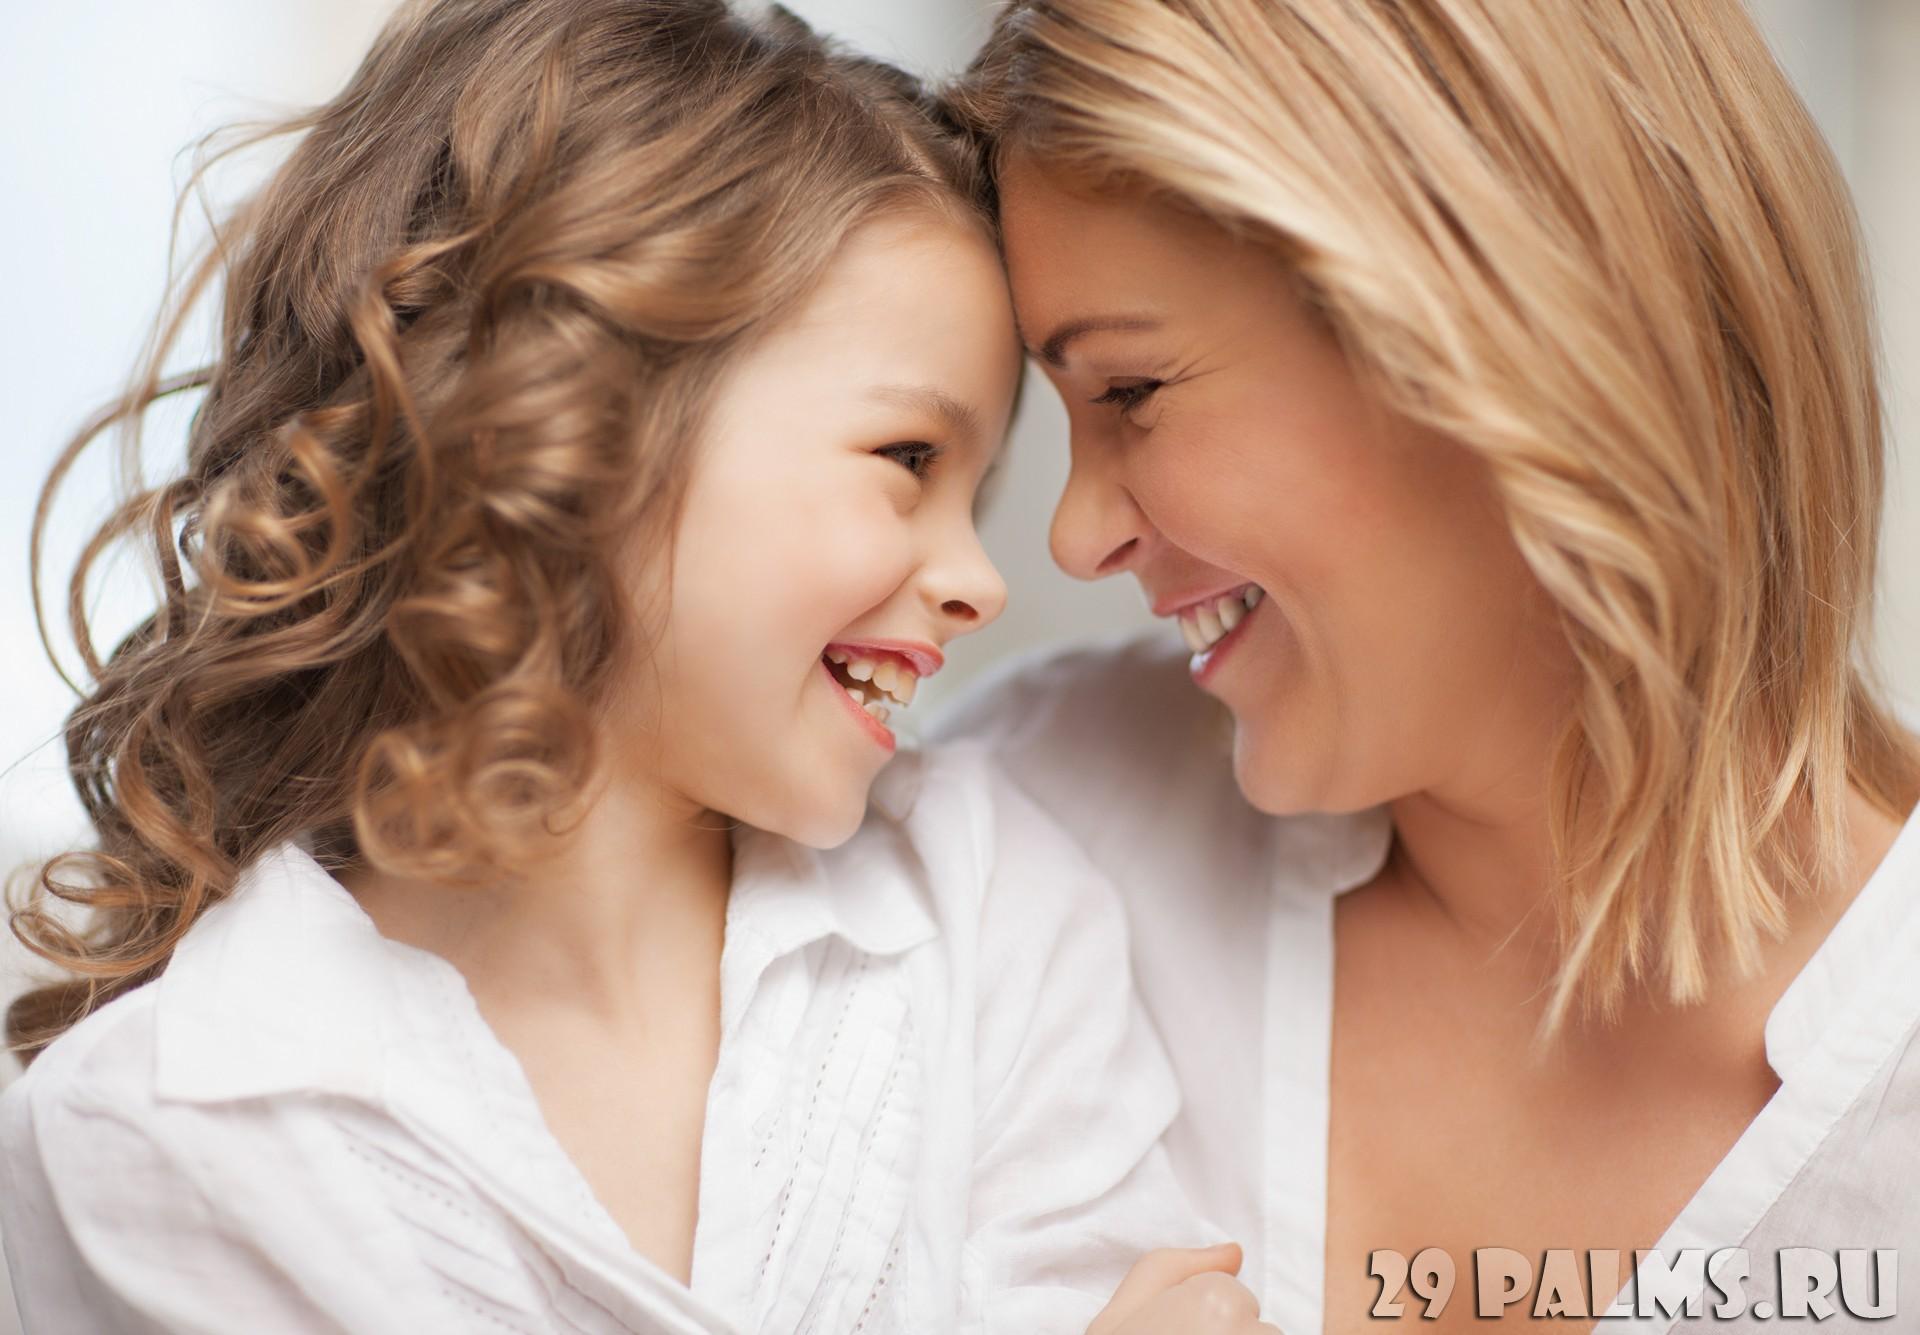 Послушная дочь и папа 10 фотография